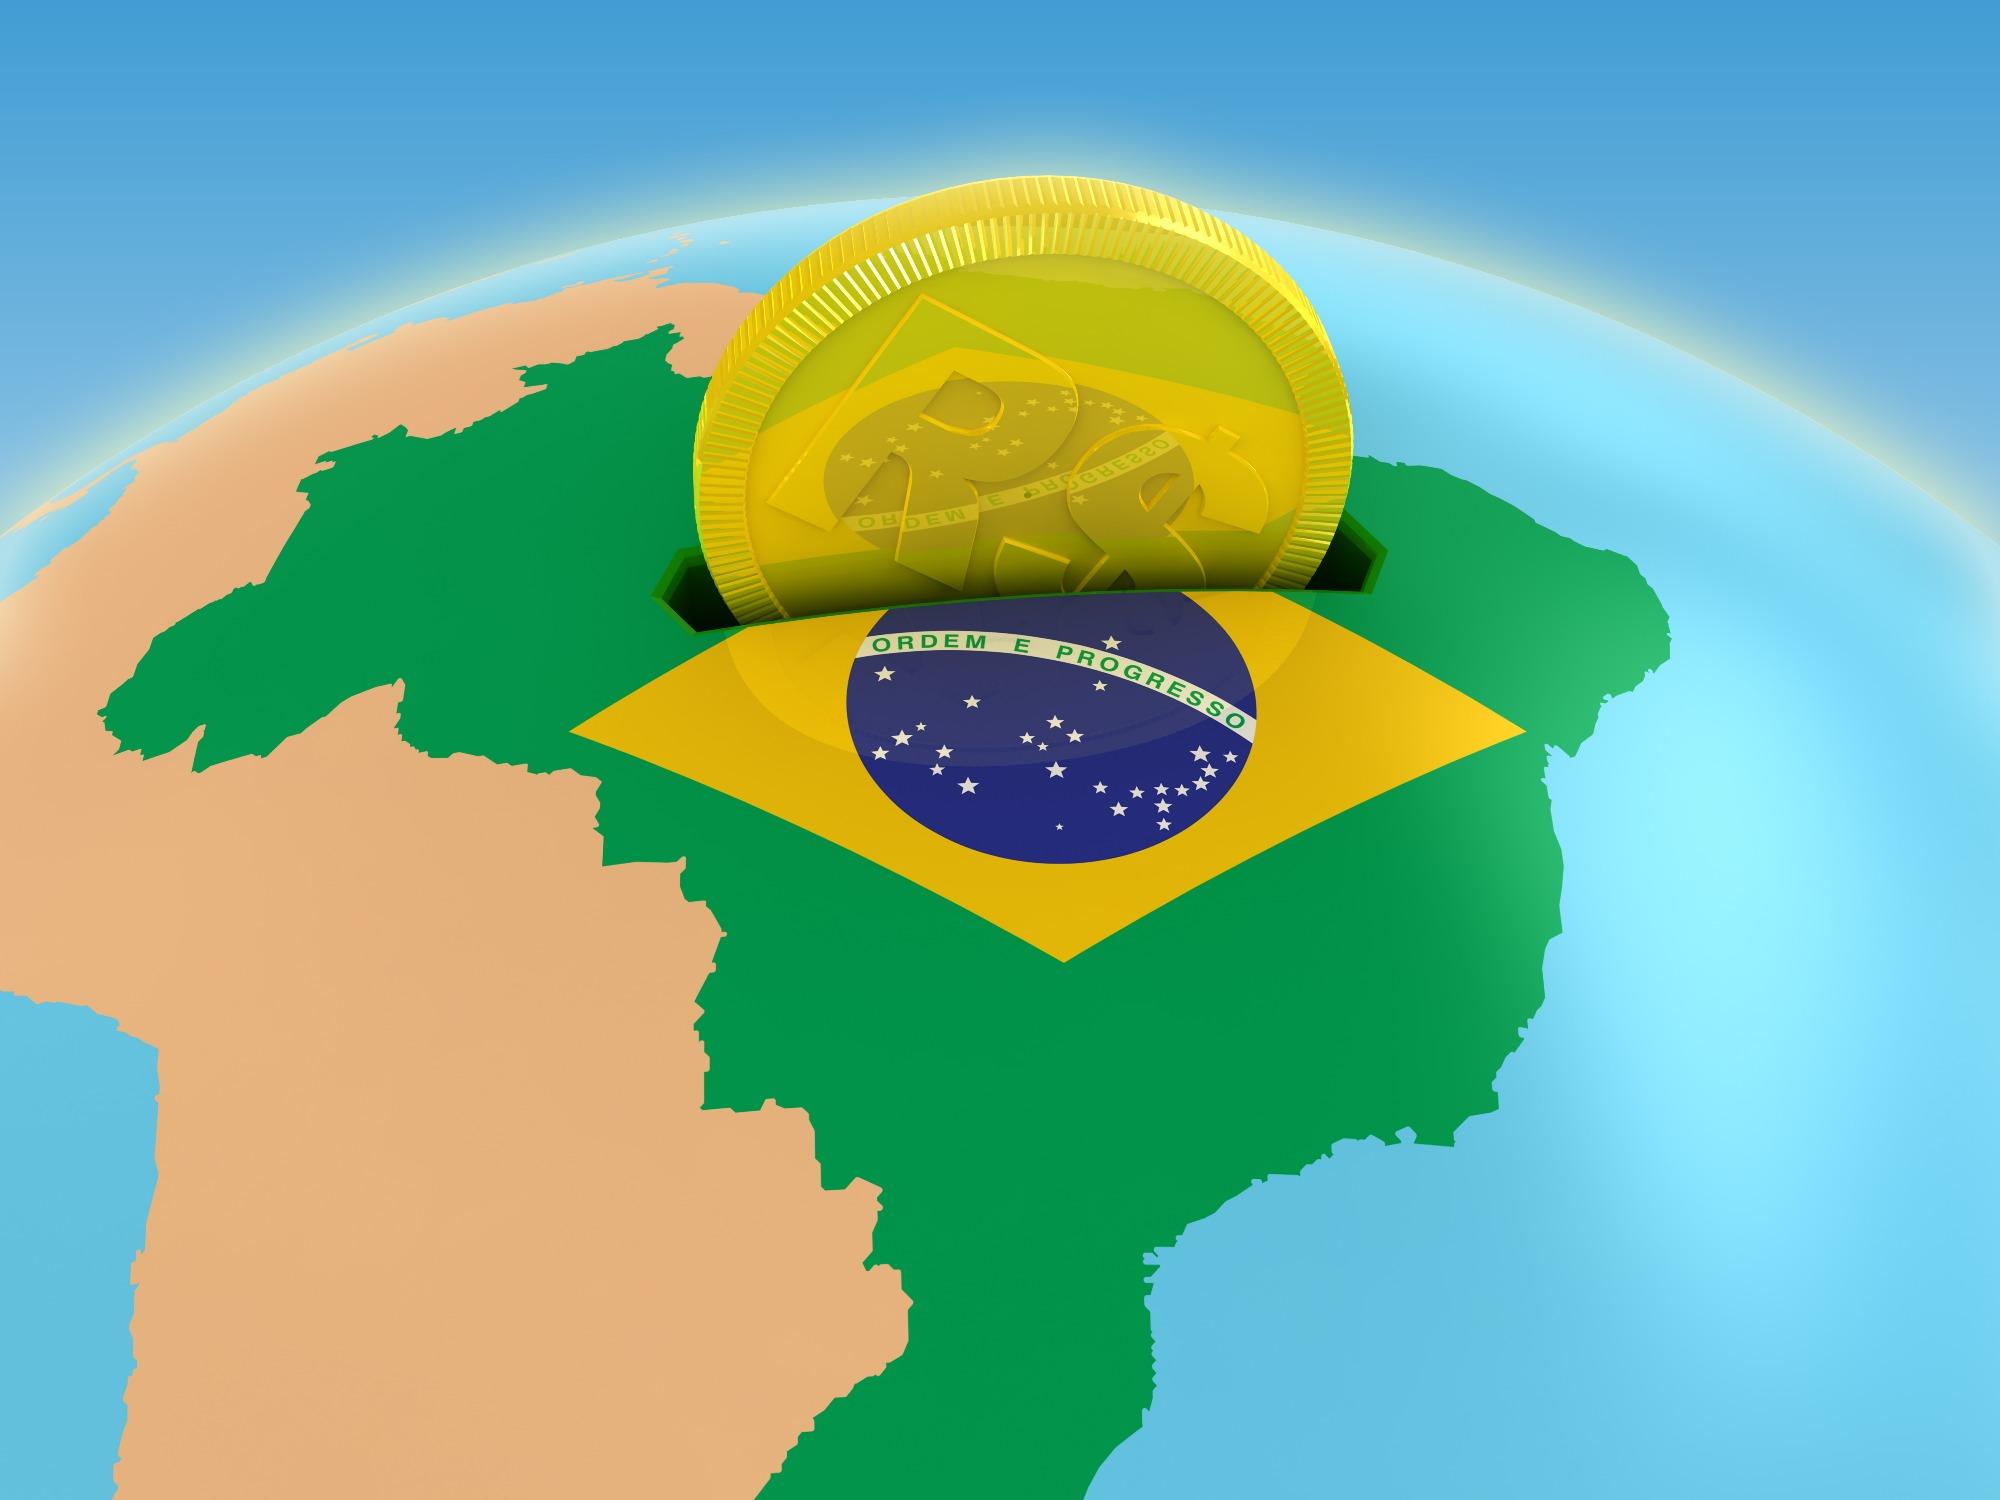 Até 2050, Brasil deve se consolidar como a 5ª maior economia do mundo